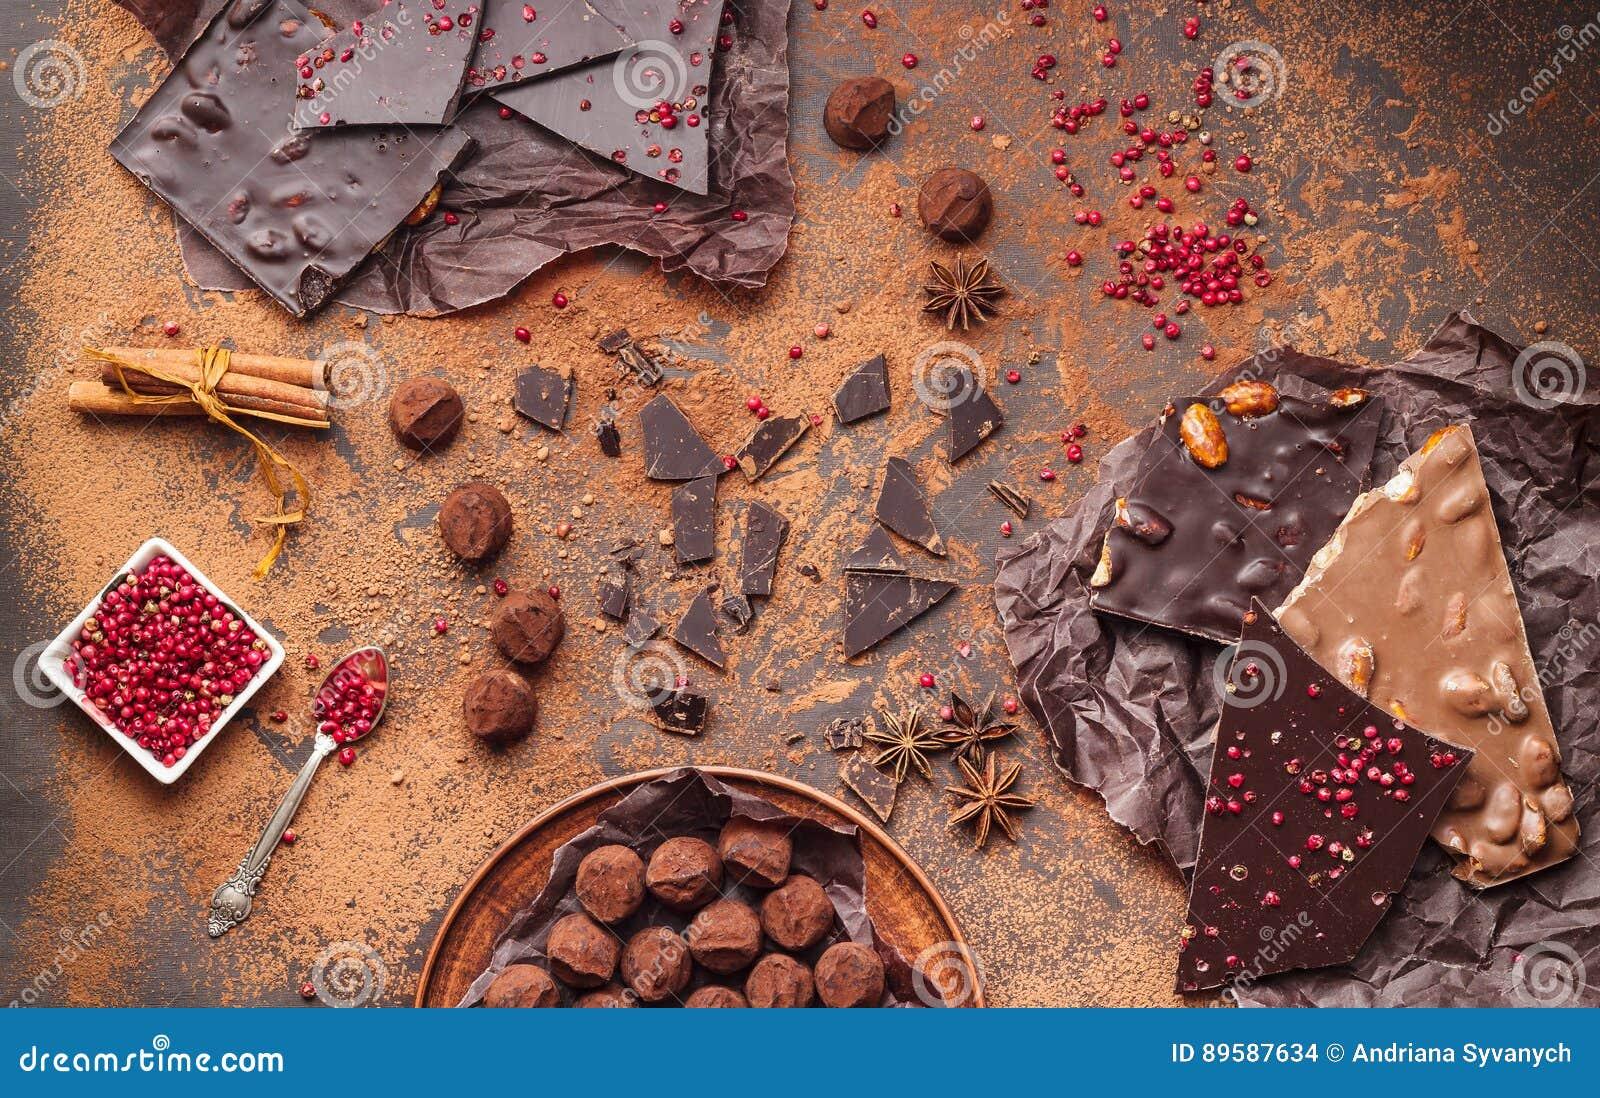 Κατάταξη των φραγμών σοκολάτας, των τρουφών, των καρυκευμάτων και της σκόνης κακάου